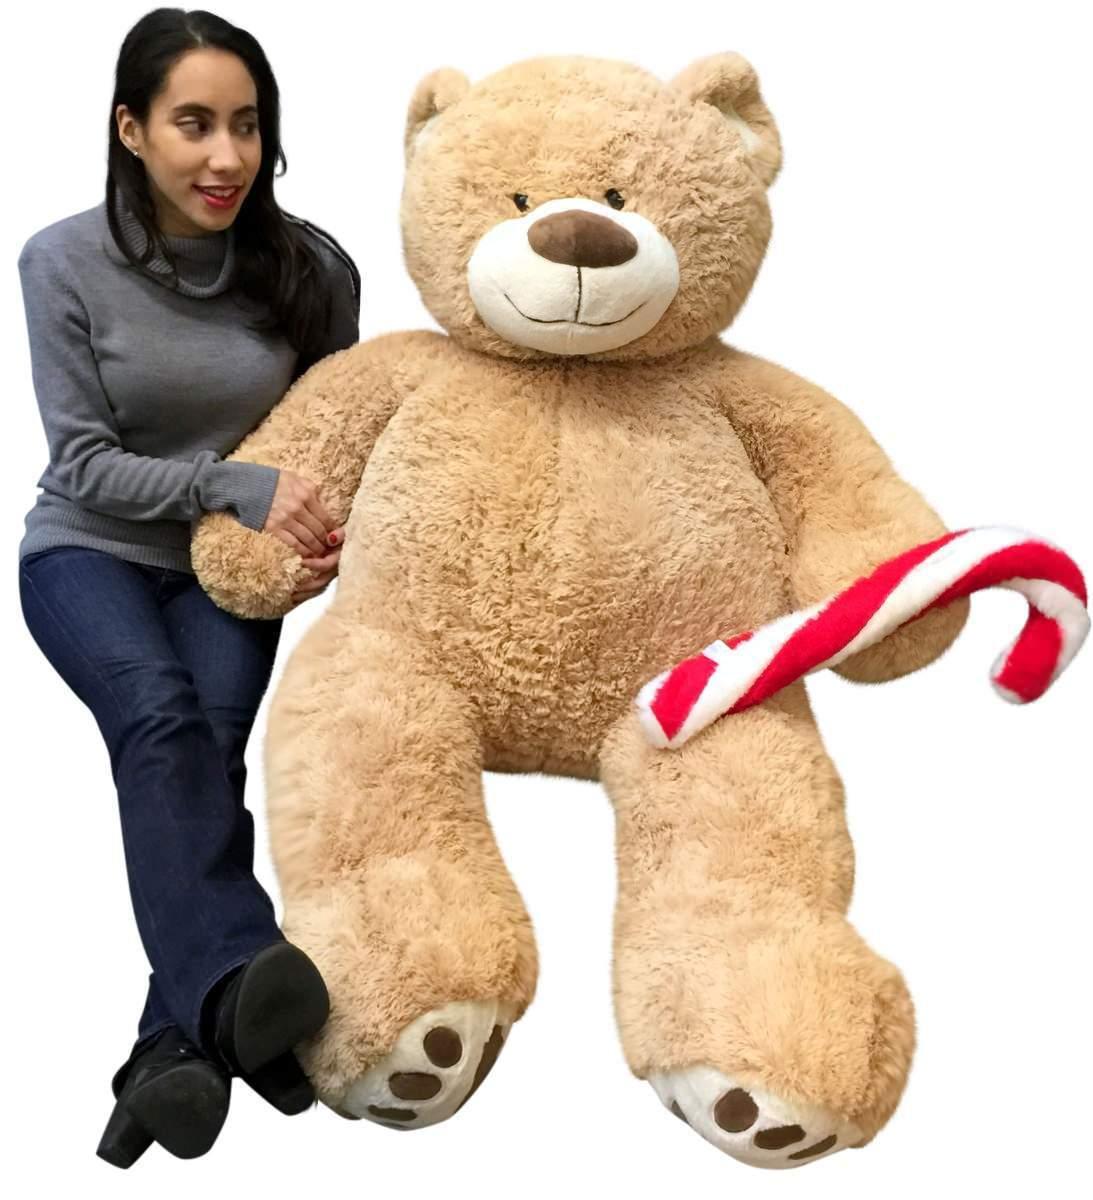 Weihnachten Big Plush Riesig Teddybär 1.5m Braun Weich Betrieb Plüsch Candy Cane